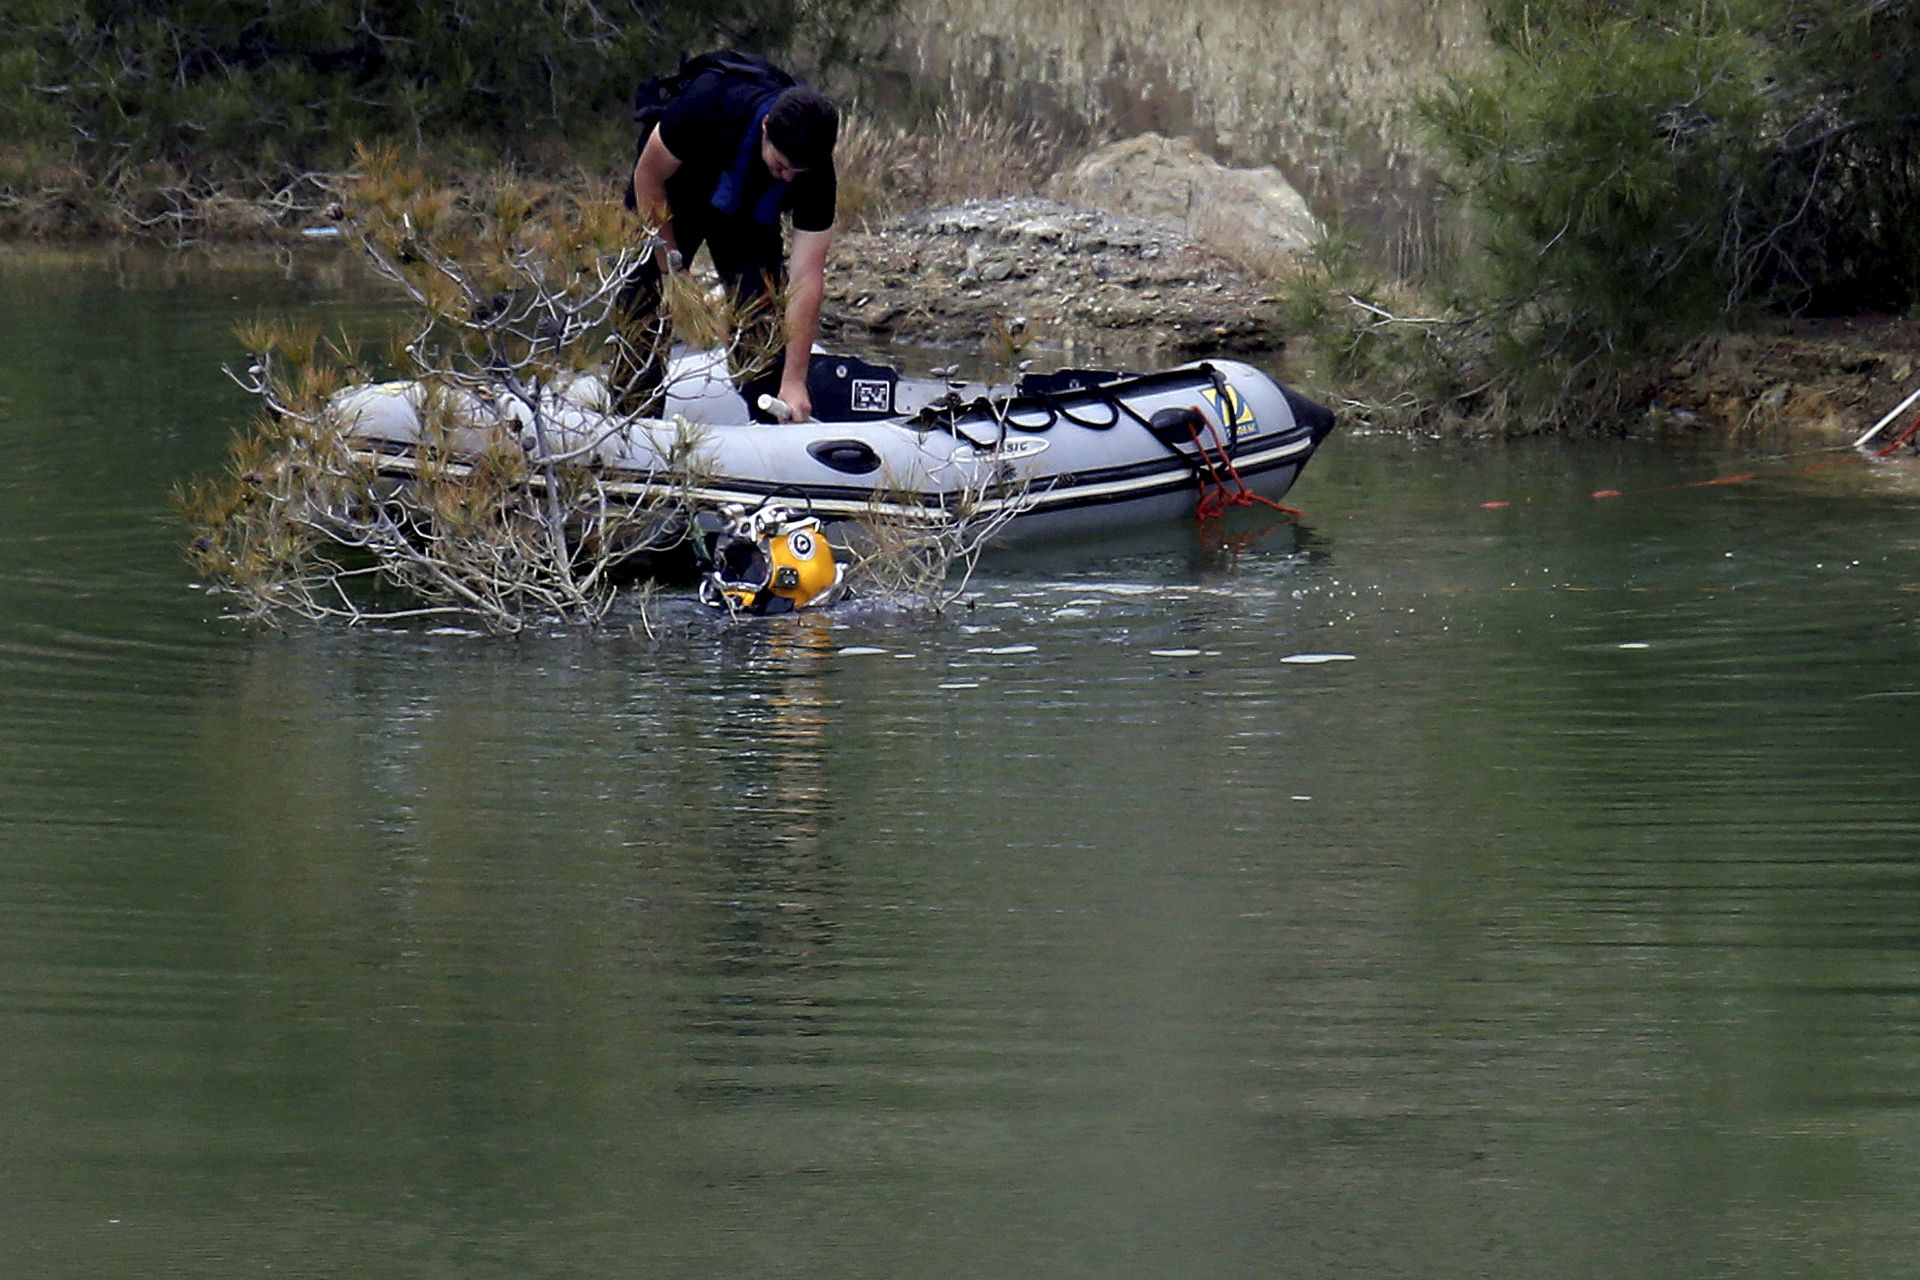 Откриха останки от жертва на сериен убиец в куфар в езеро